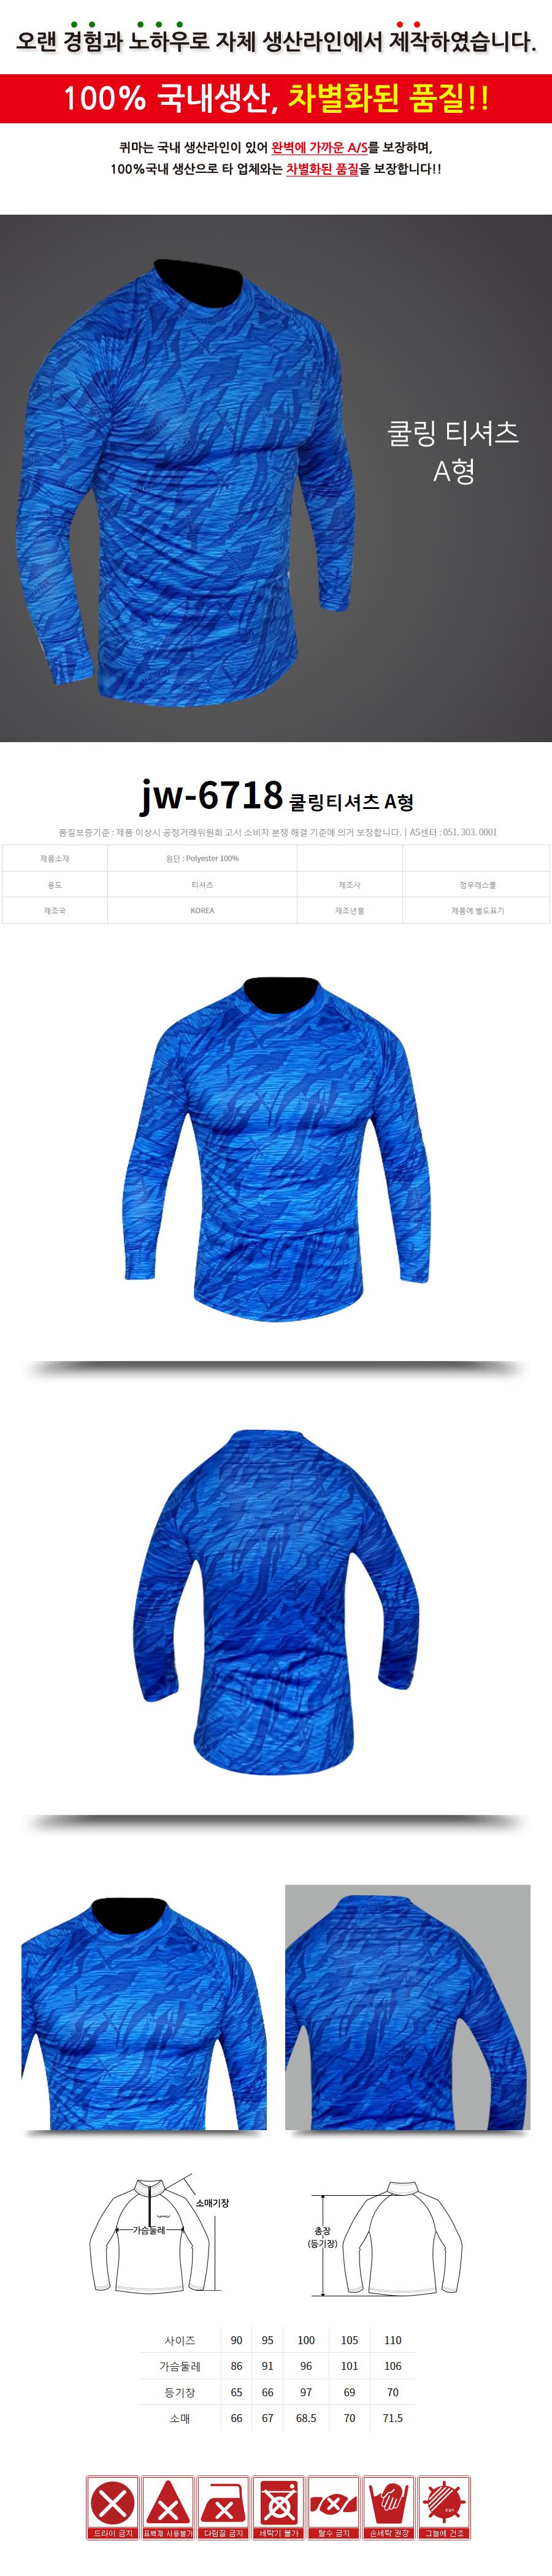 퀴마 쿨링티셔츠 JW-6718 블루 낚시옷 낚시복 낚시남방 남방 낚시티셔츠 상의 하의 낚시바지 피싱복 필드복 티 t셔츠